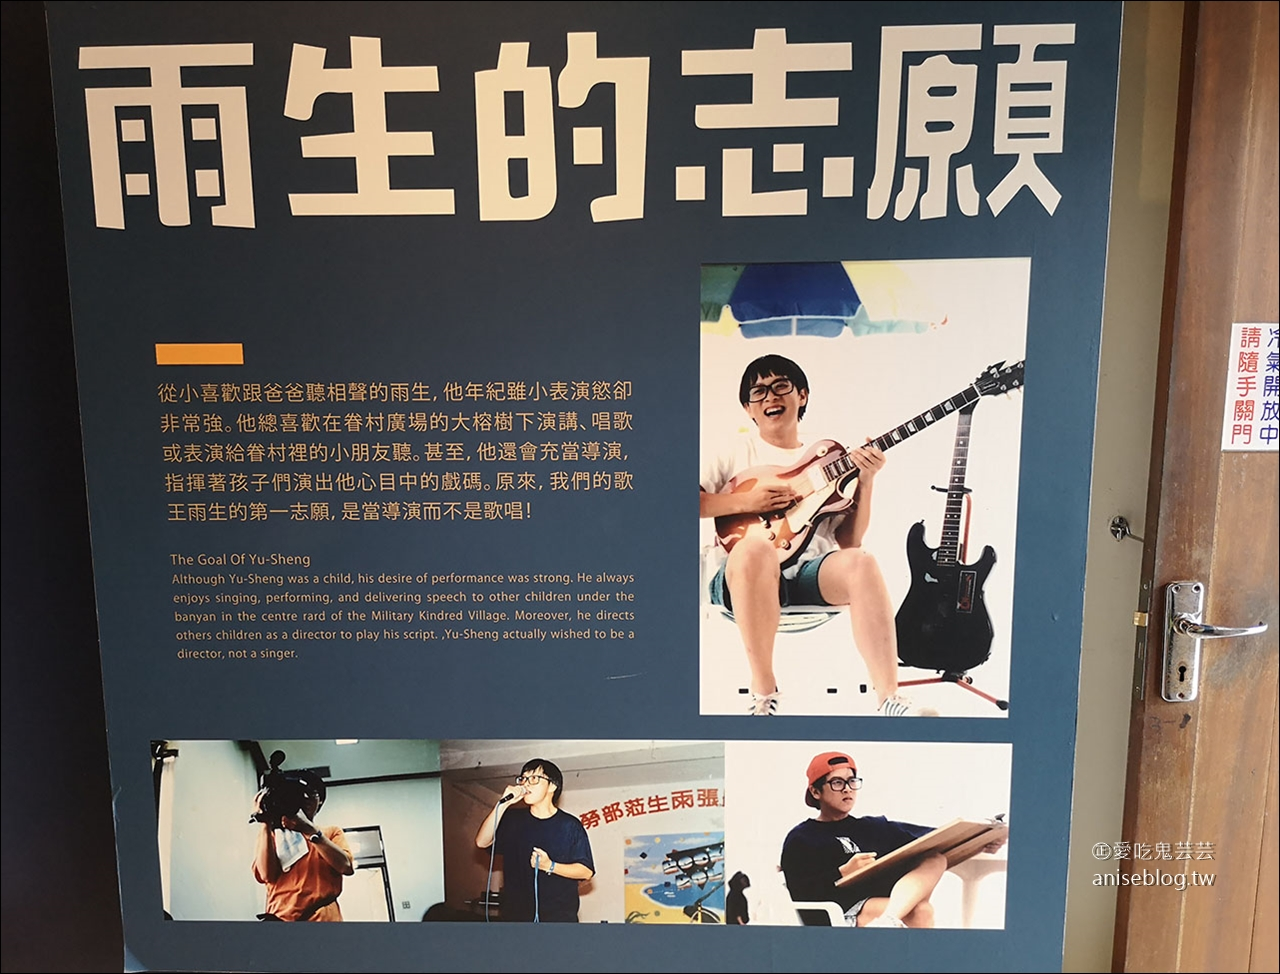 澎湖 | 張雨生故事館 x 潘安邦紀念館 (篤行十村文化園區)